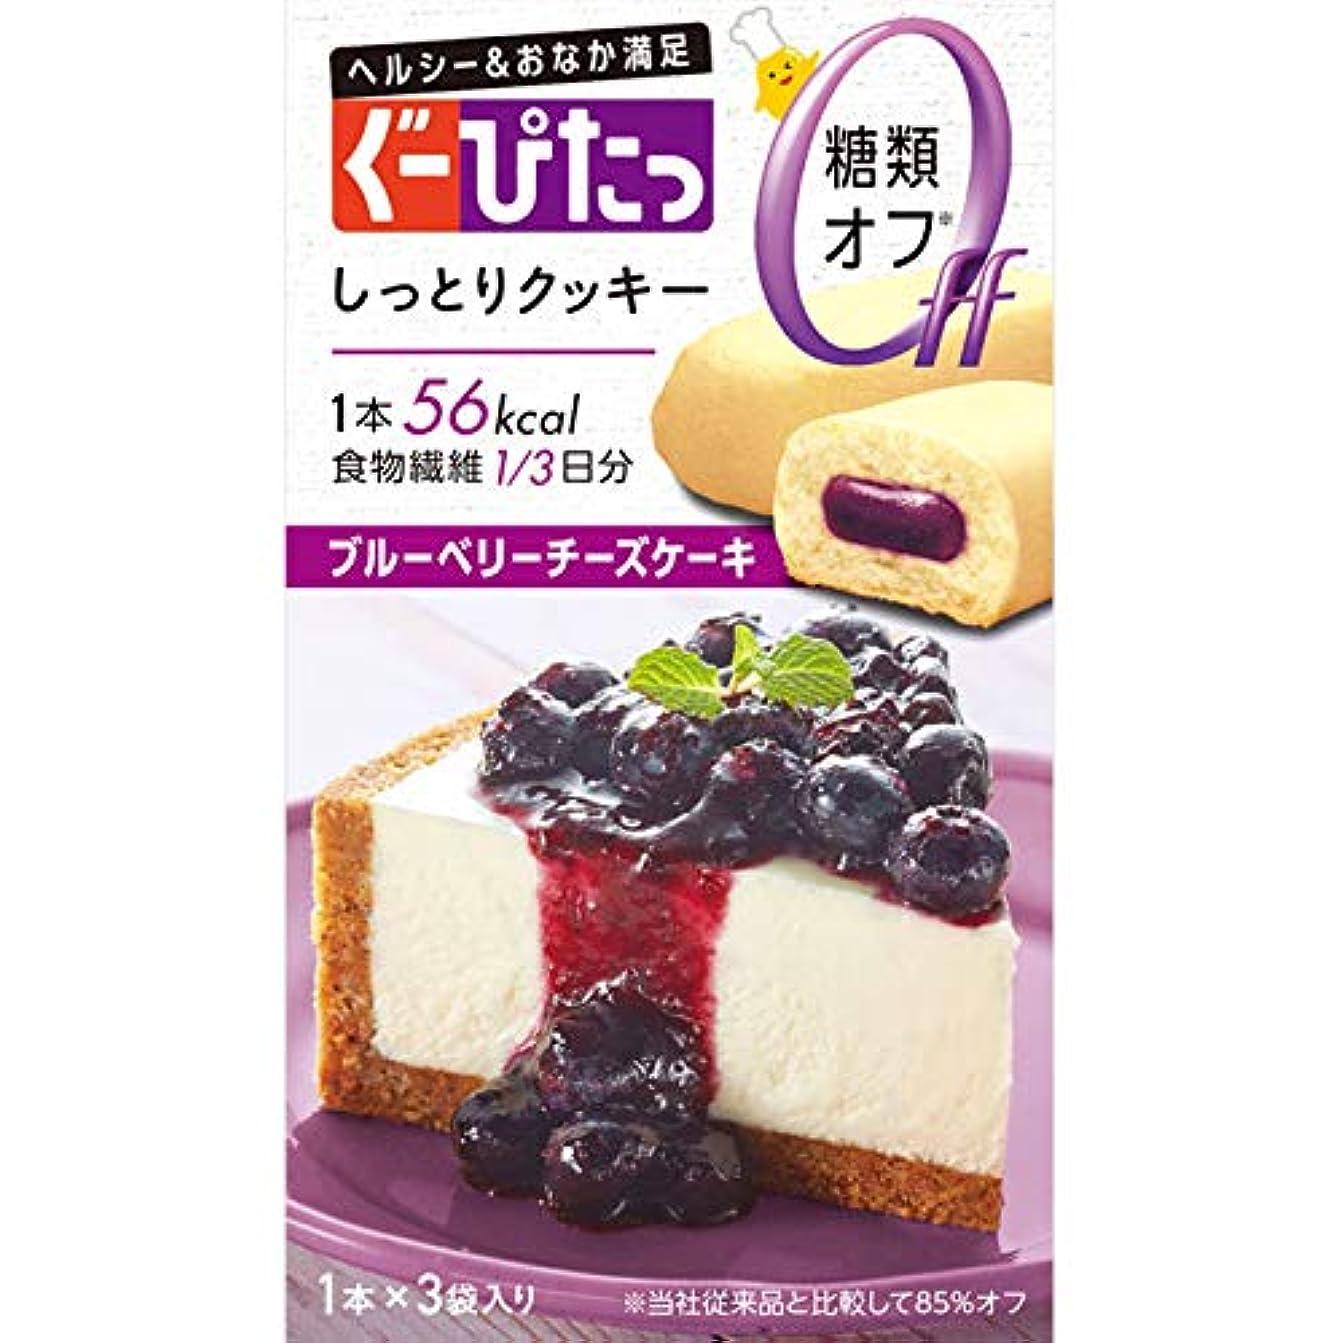 渦波紋余剰ナリスアップ ぐーぴたっ しっとりクッキー ブルーベリーチーズケーキ (3本) ダイエット食品